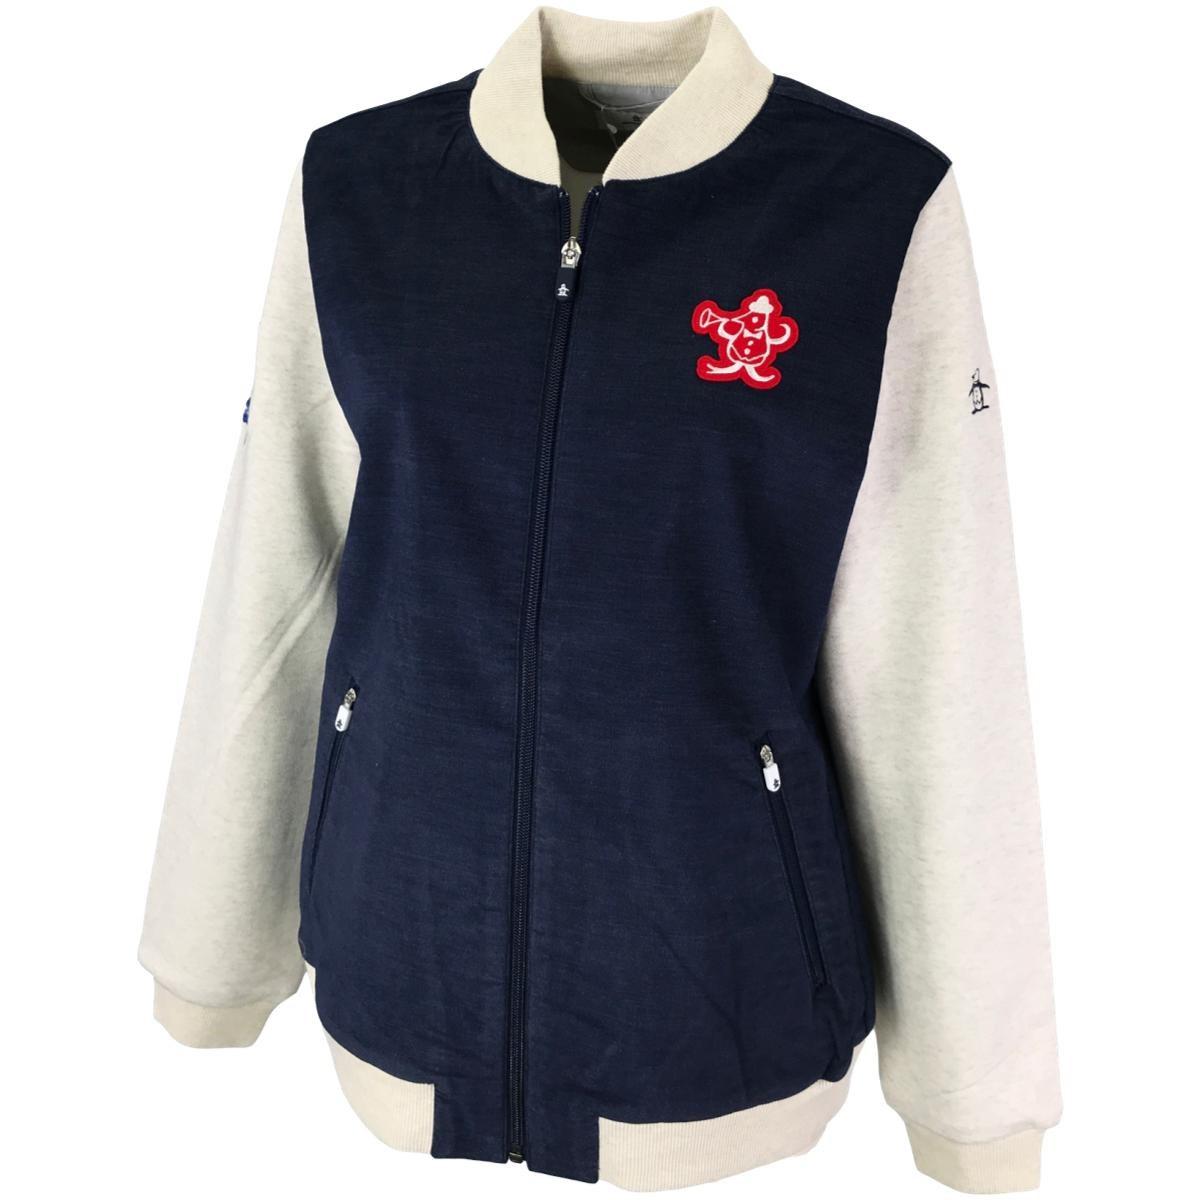 マンシングウェア Munsingwear MITSUSHIGE NISHIWAKI コラボ スタジャン風ストレッチブルゾン LL ネイビー 00 レディス